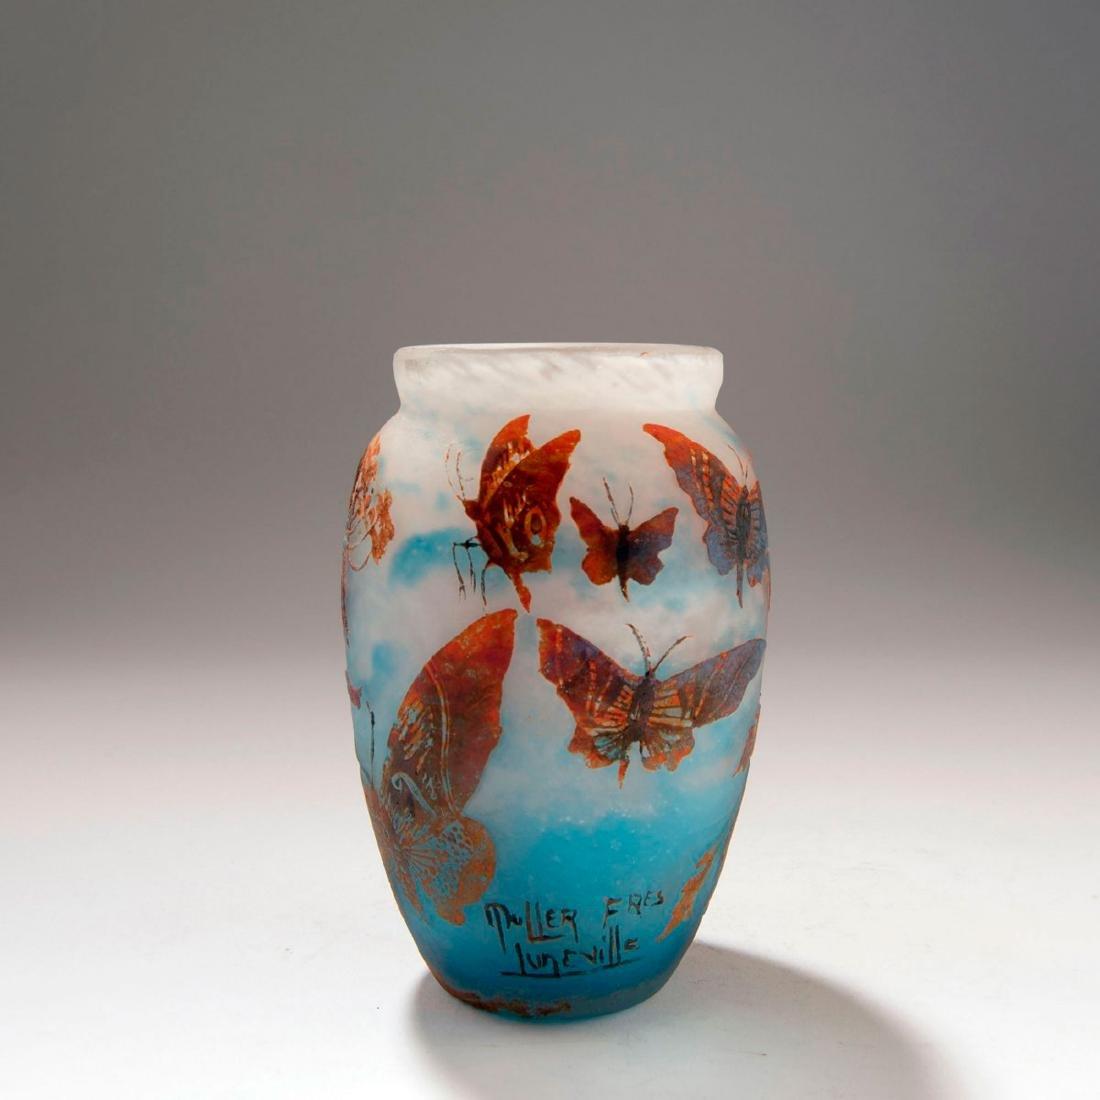 'Les Papillons de Nuit' vase, c. 1925 - 2